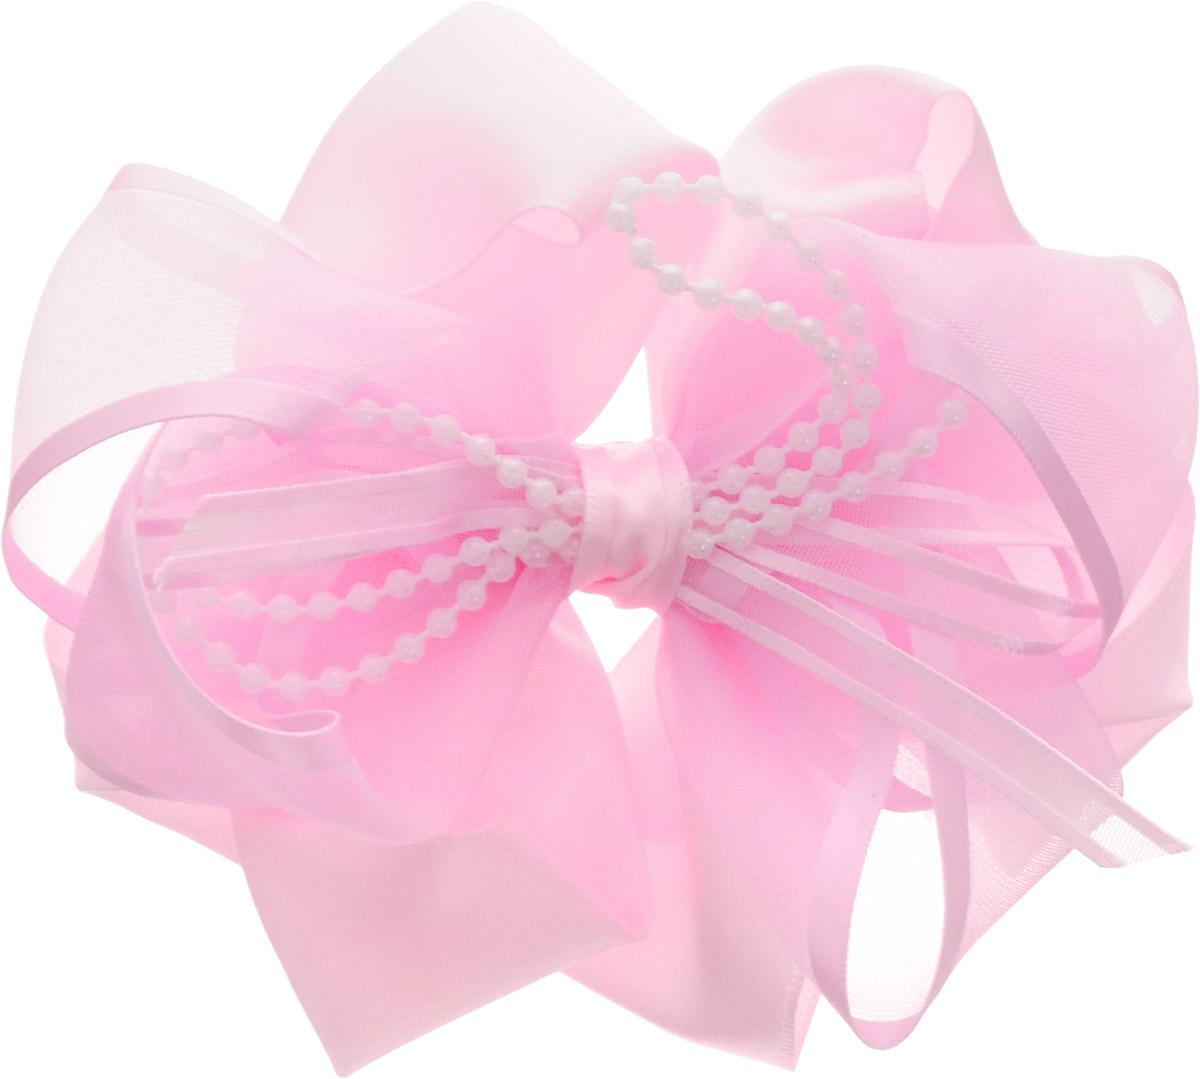 Babys Joy Бант для волос цвет розовый с бусинами MN 203MN 203_розовый с бусинкамиБант для волос на резинке Babys Joy позволит не только убрать непослушные волосы с лица, но и придать образу романтичности и очарования. Такая резинка для волос подчеркнет уникальность вашей маленькой модницы и станет прекрасным дополнением к ее неповторимому стилю.